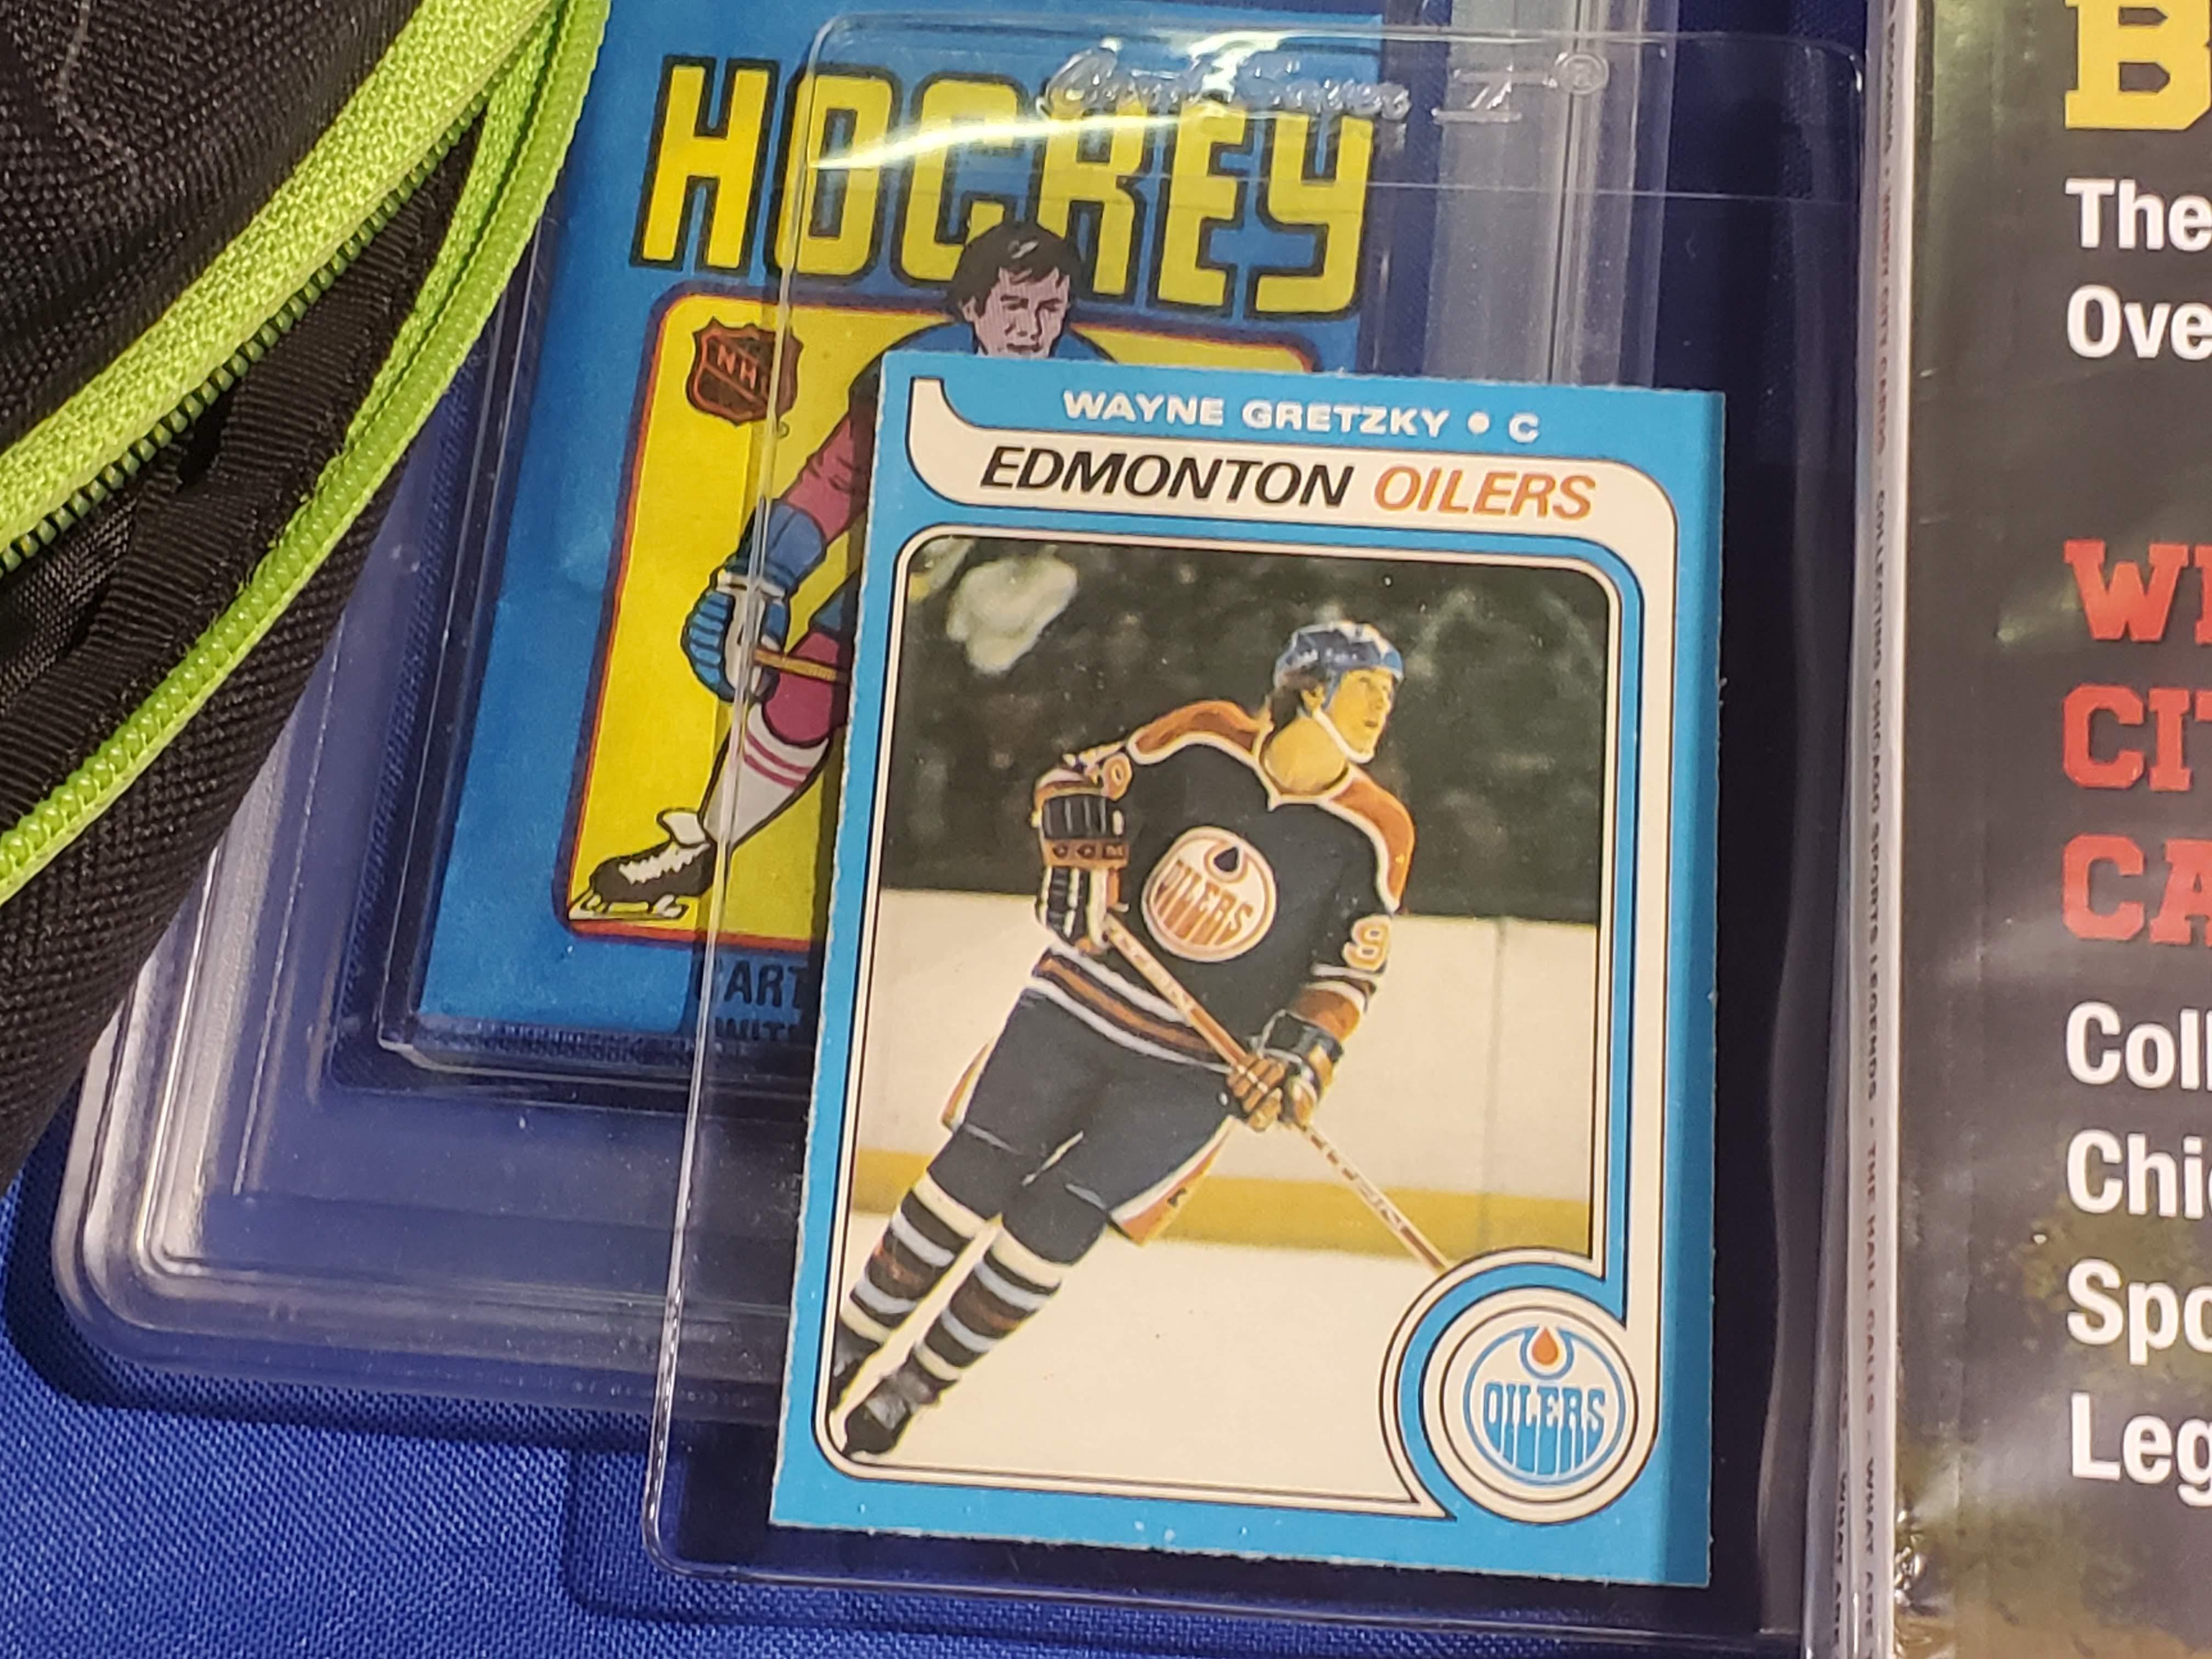 1979-80 O-Pee-Chee Wayne Gretzky rookie card